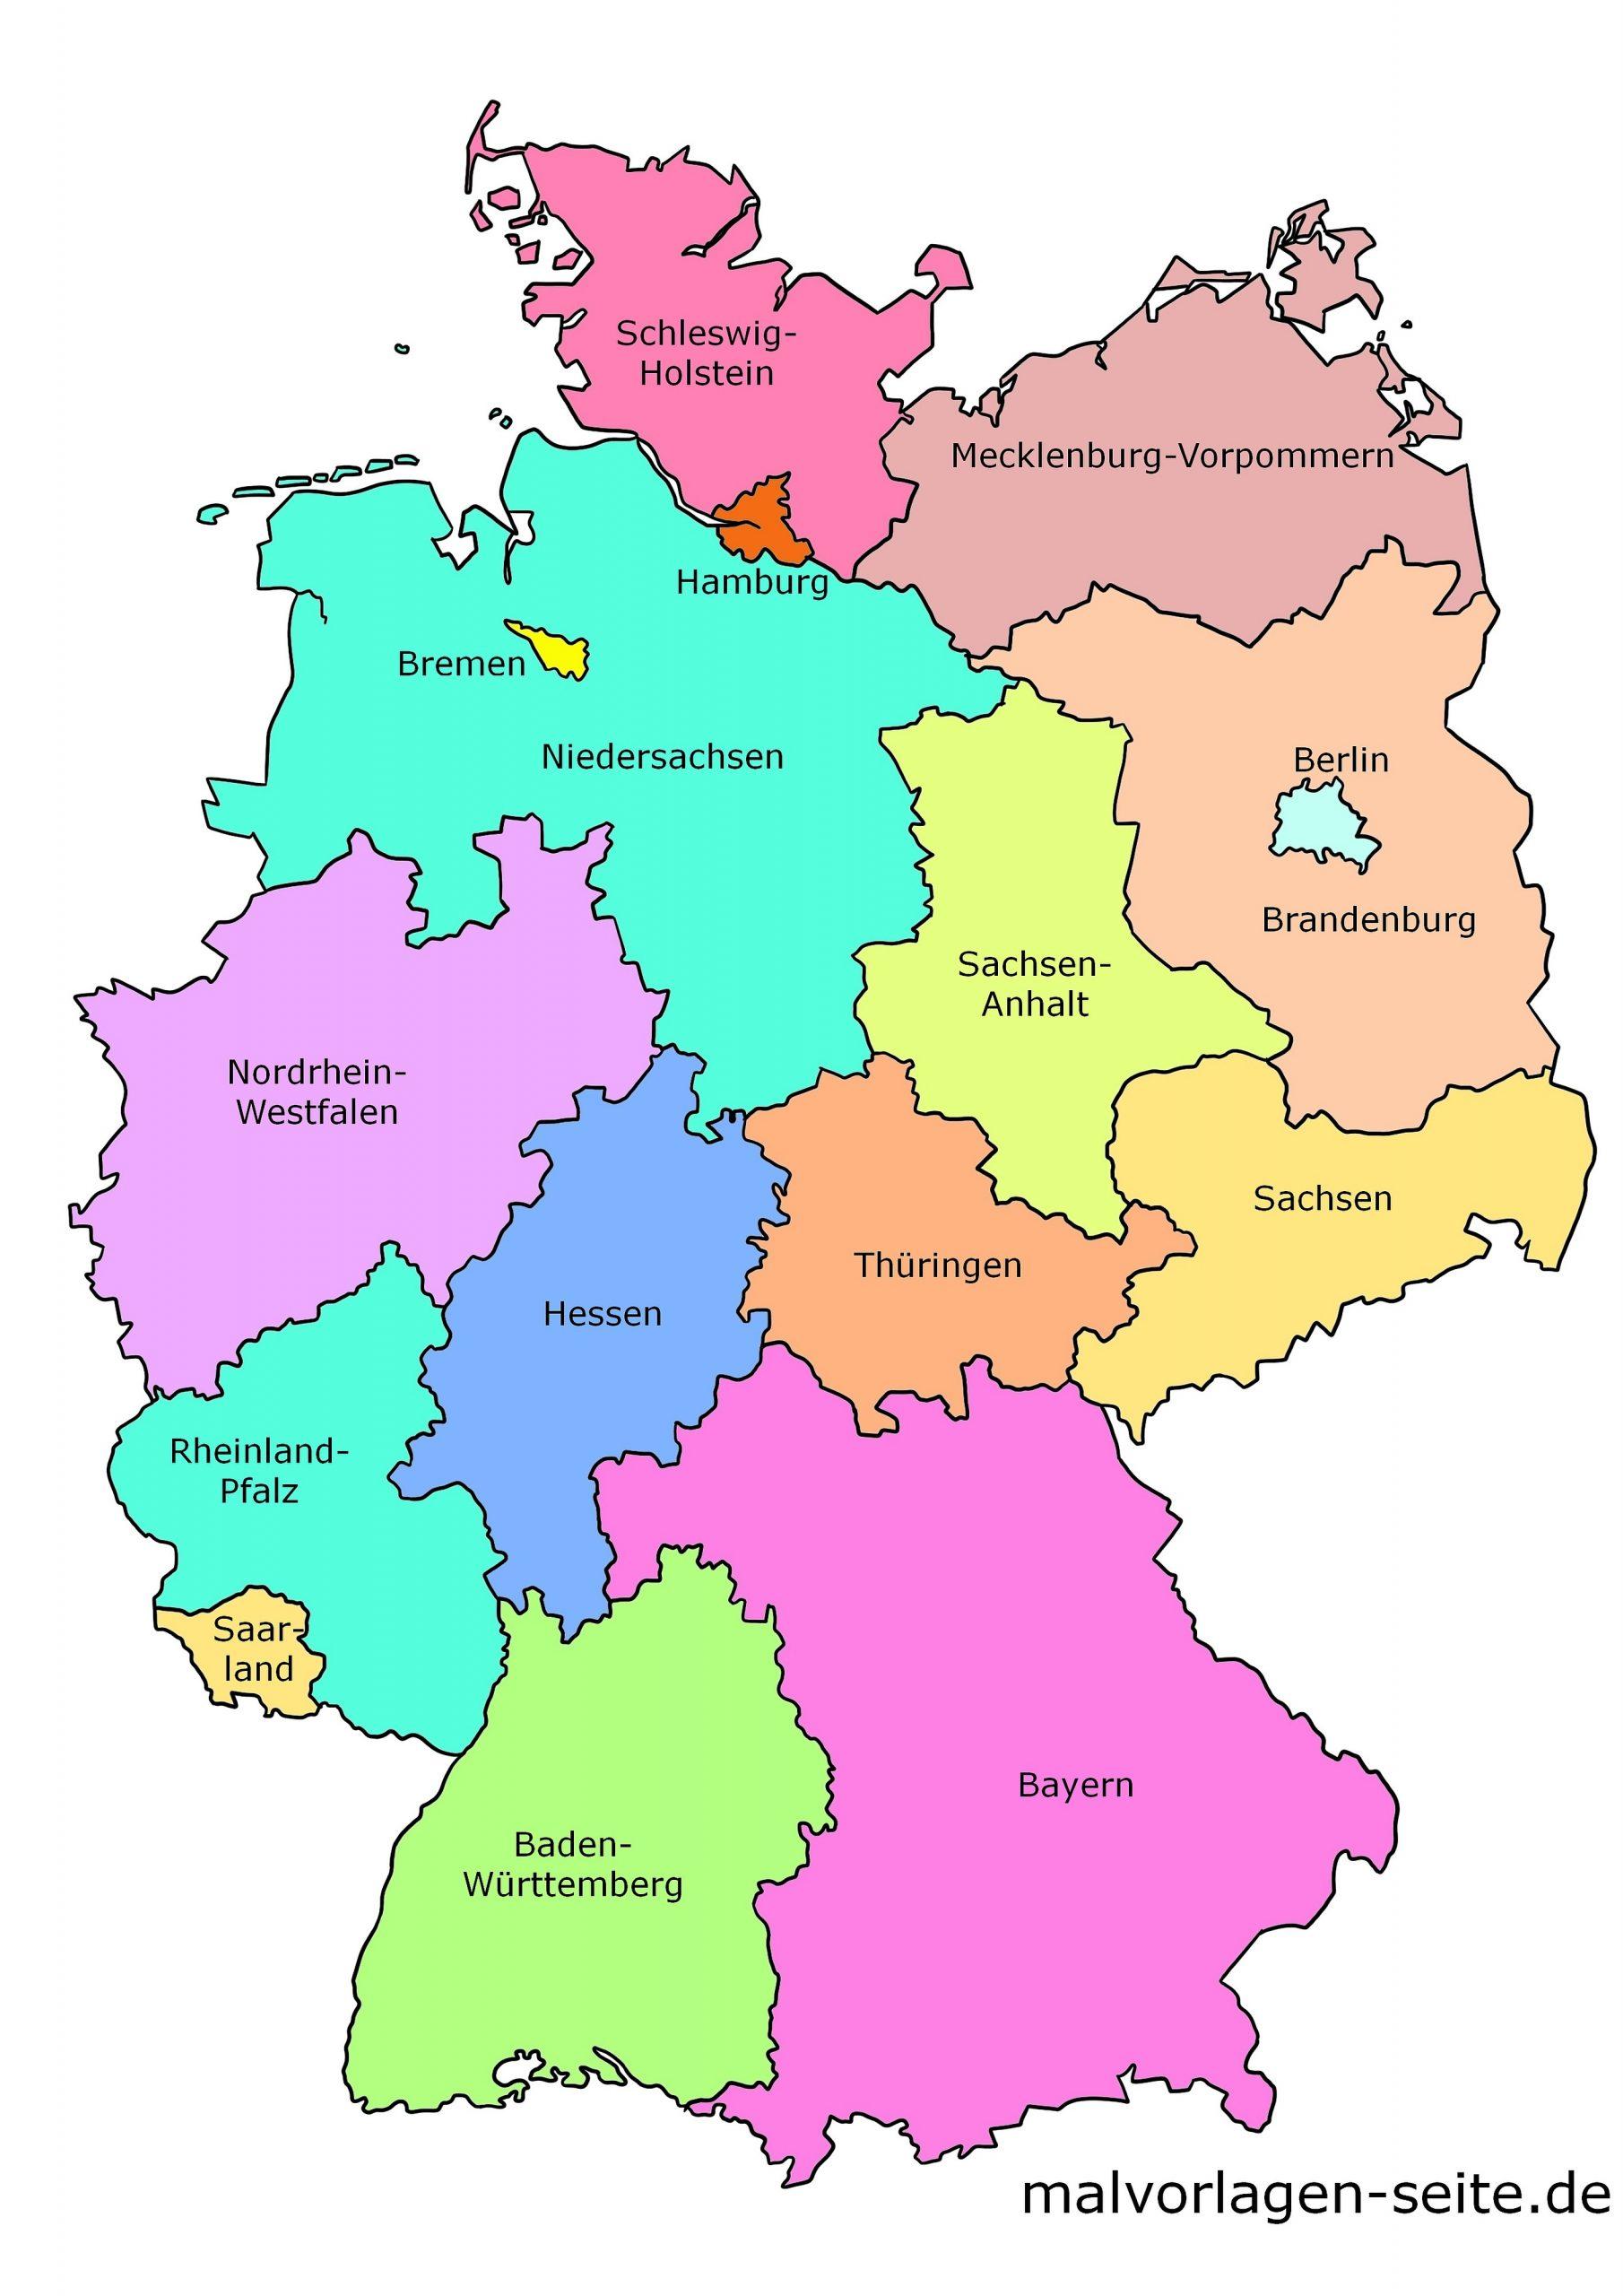 Deutschland Landkarte Der Bundesländer - Politsche Karte bei Deutschlandkarte Bundesländer Blanko